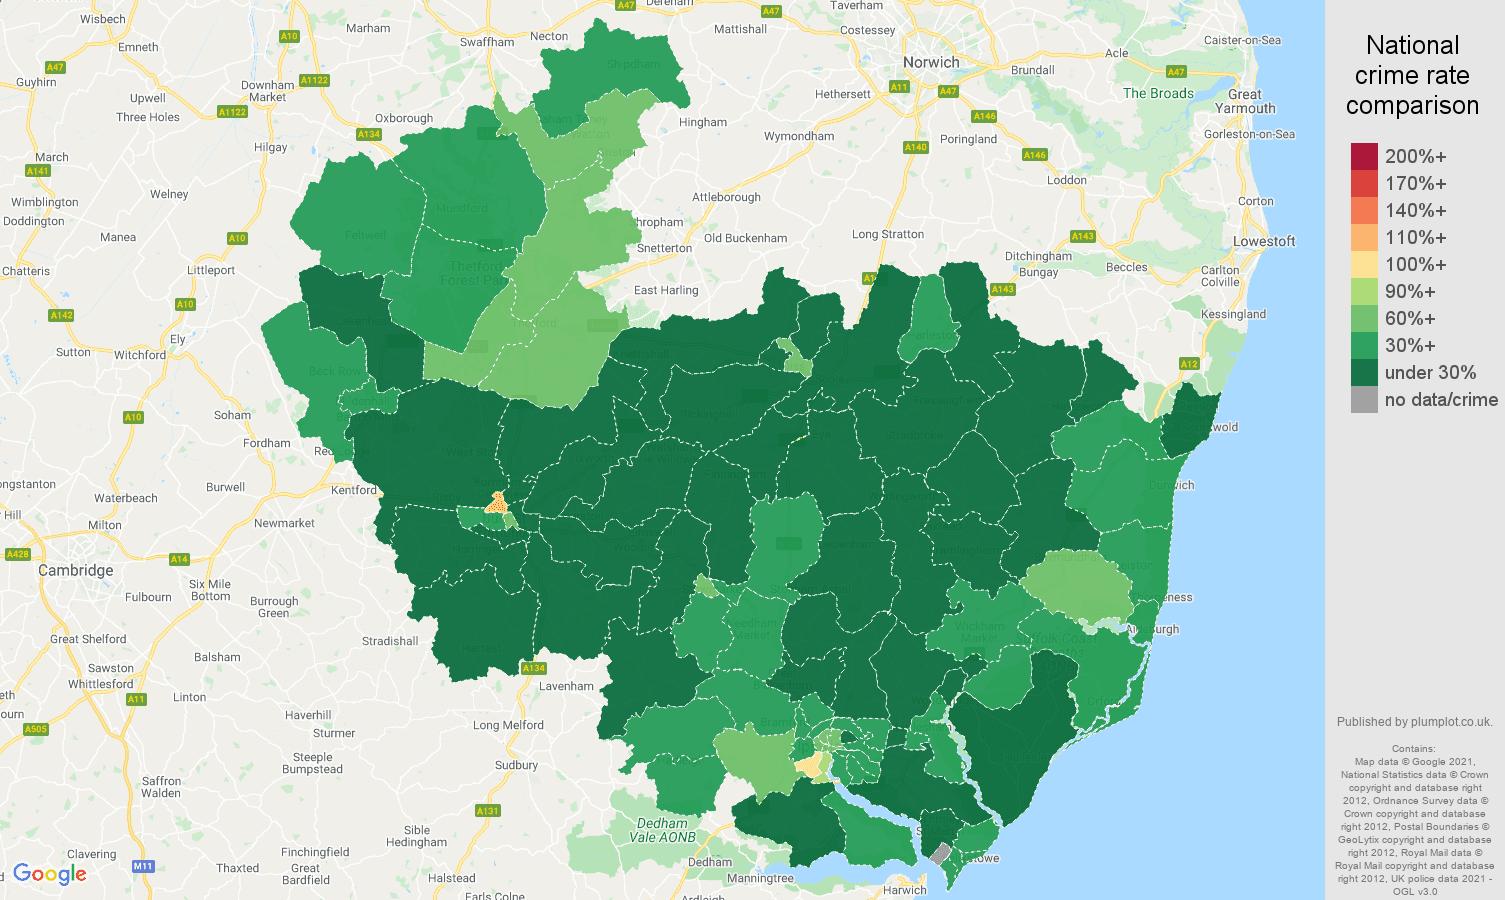 Ipswich antisocial behaviour crime rate comparison map